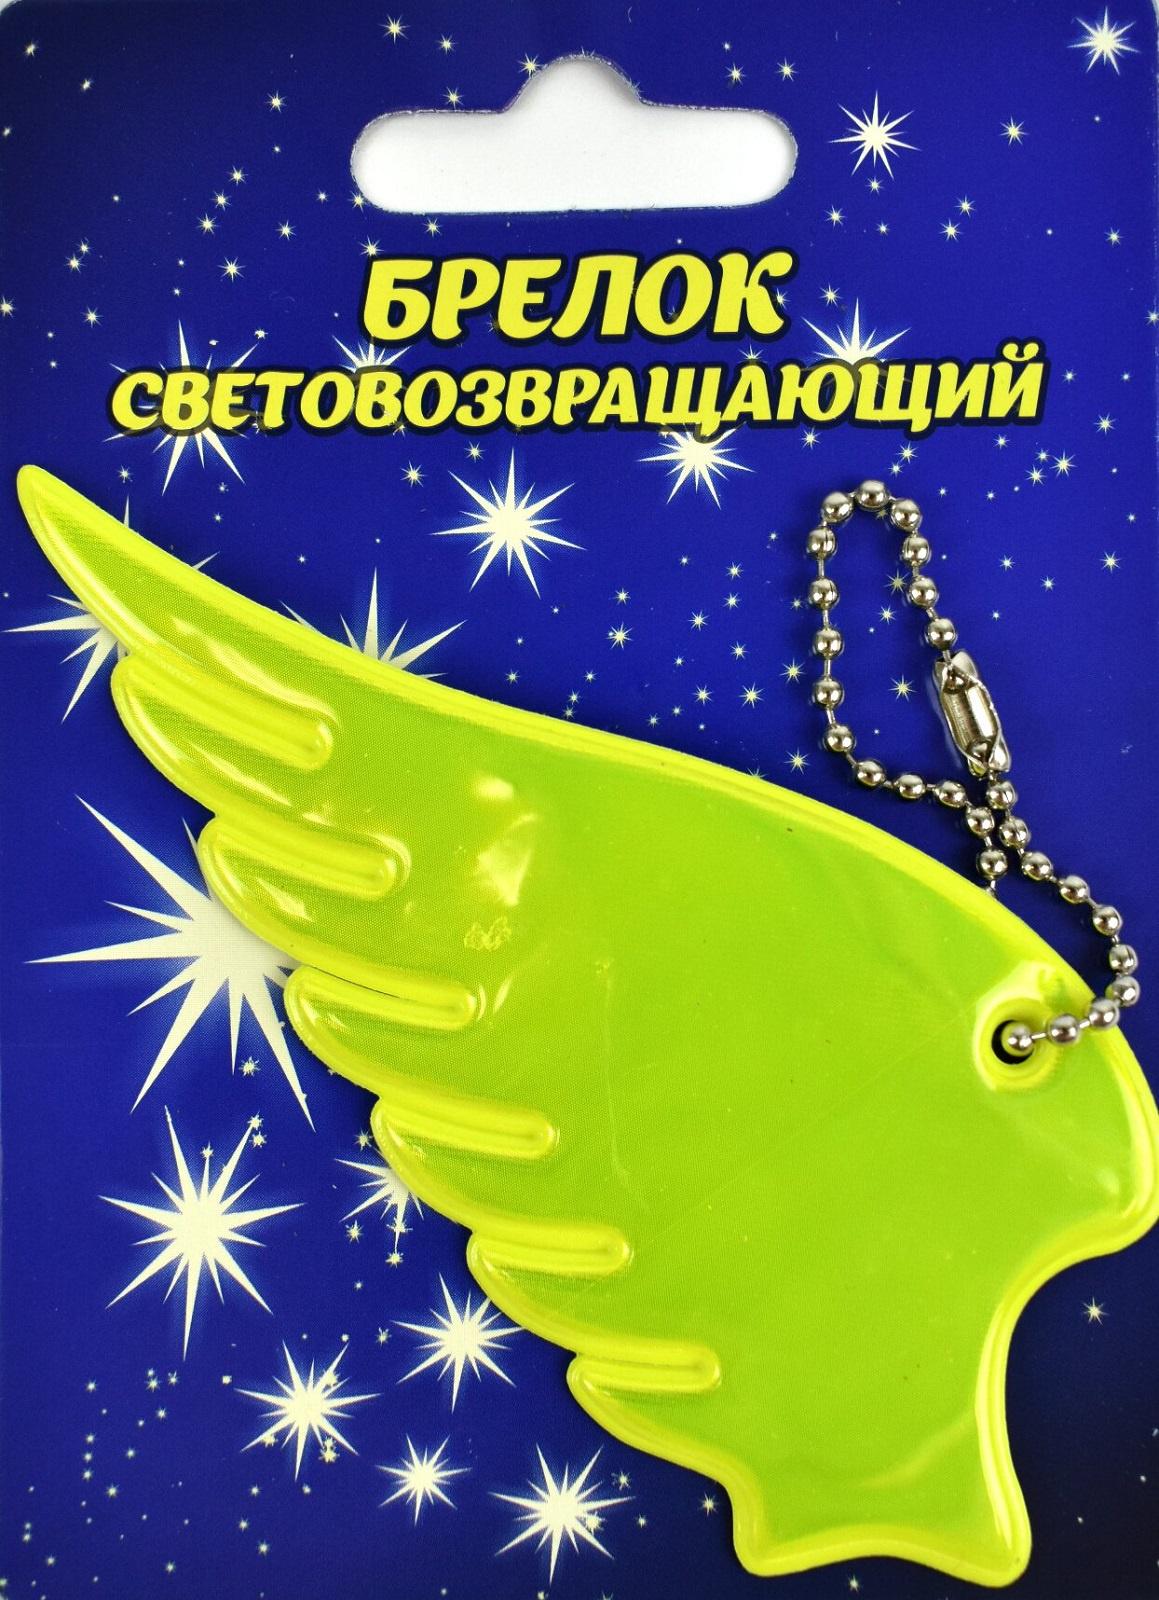 Светоотражатель Светлячок Брелок светоотражающий желтое крыло, желтый